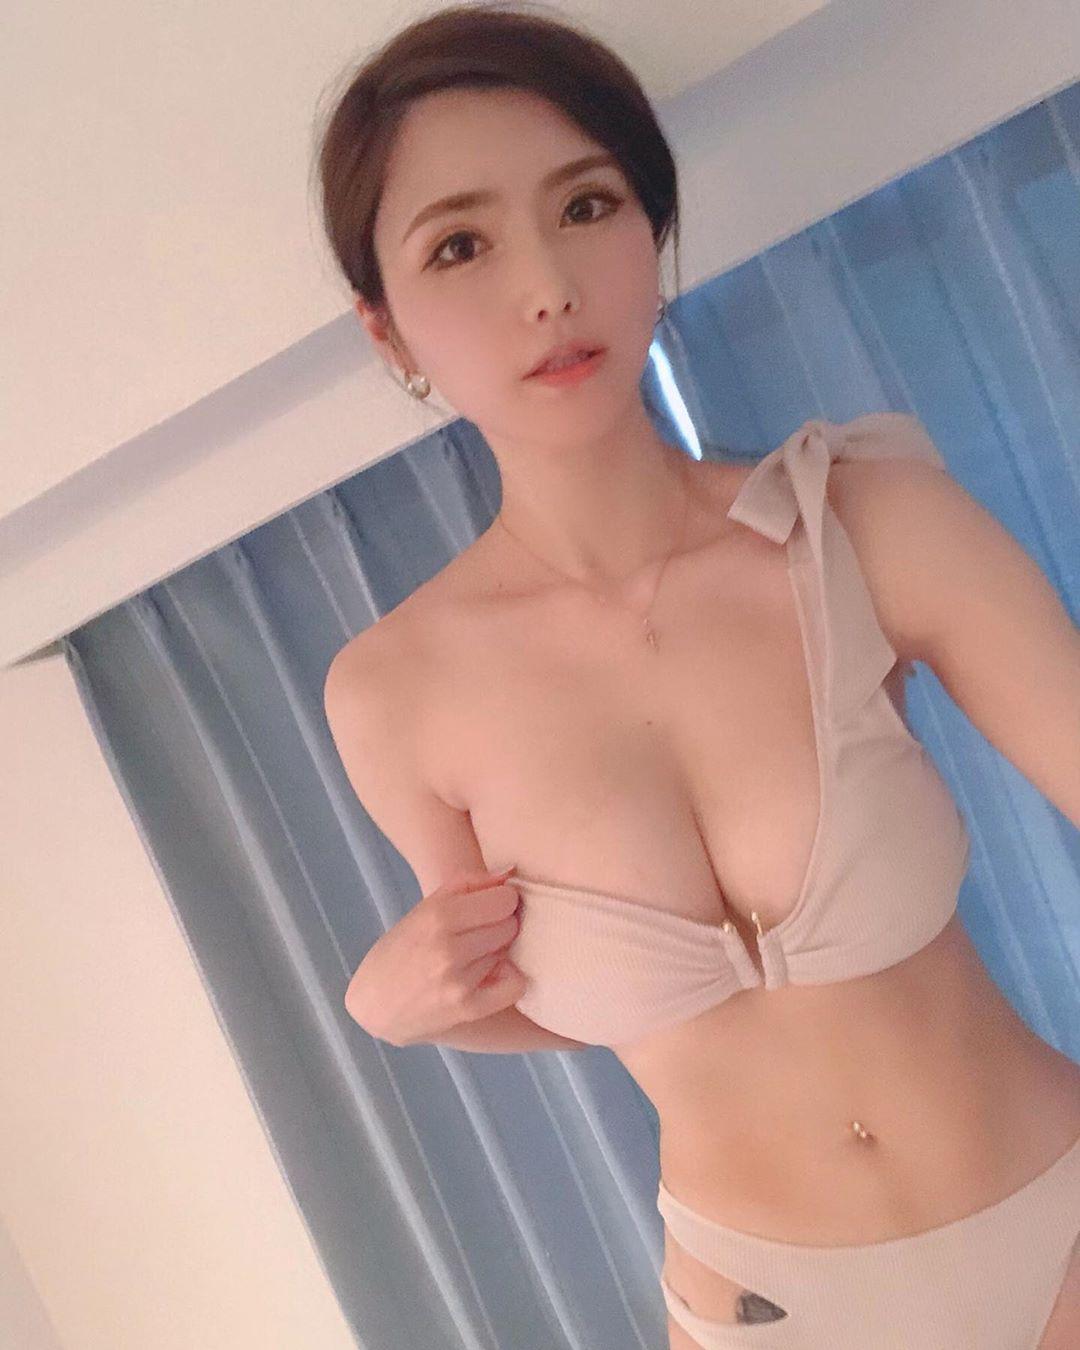 日韩混血儿美女,娃娃脸+丰满身材百变销魂  日韩混血 娃娃脸 第8张